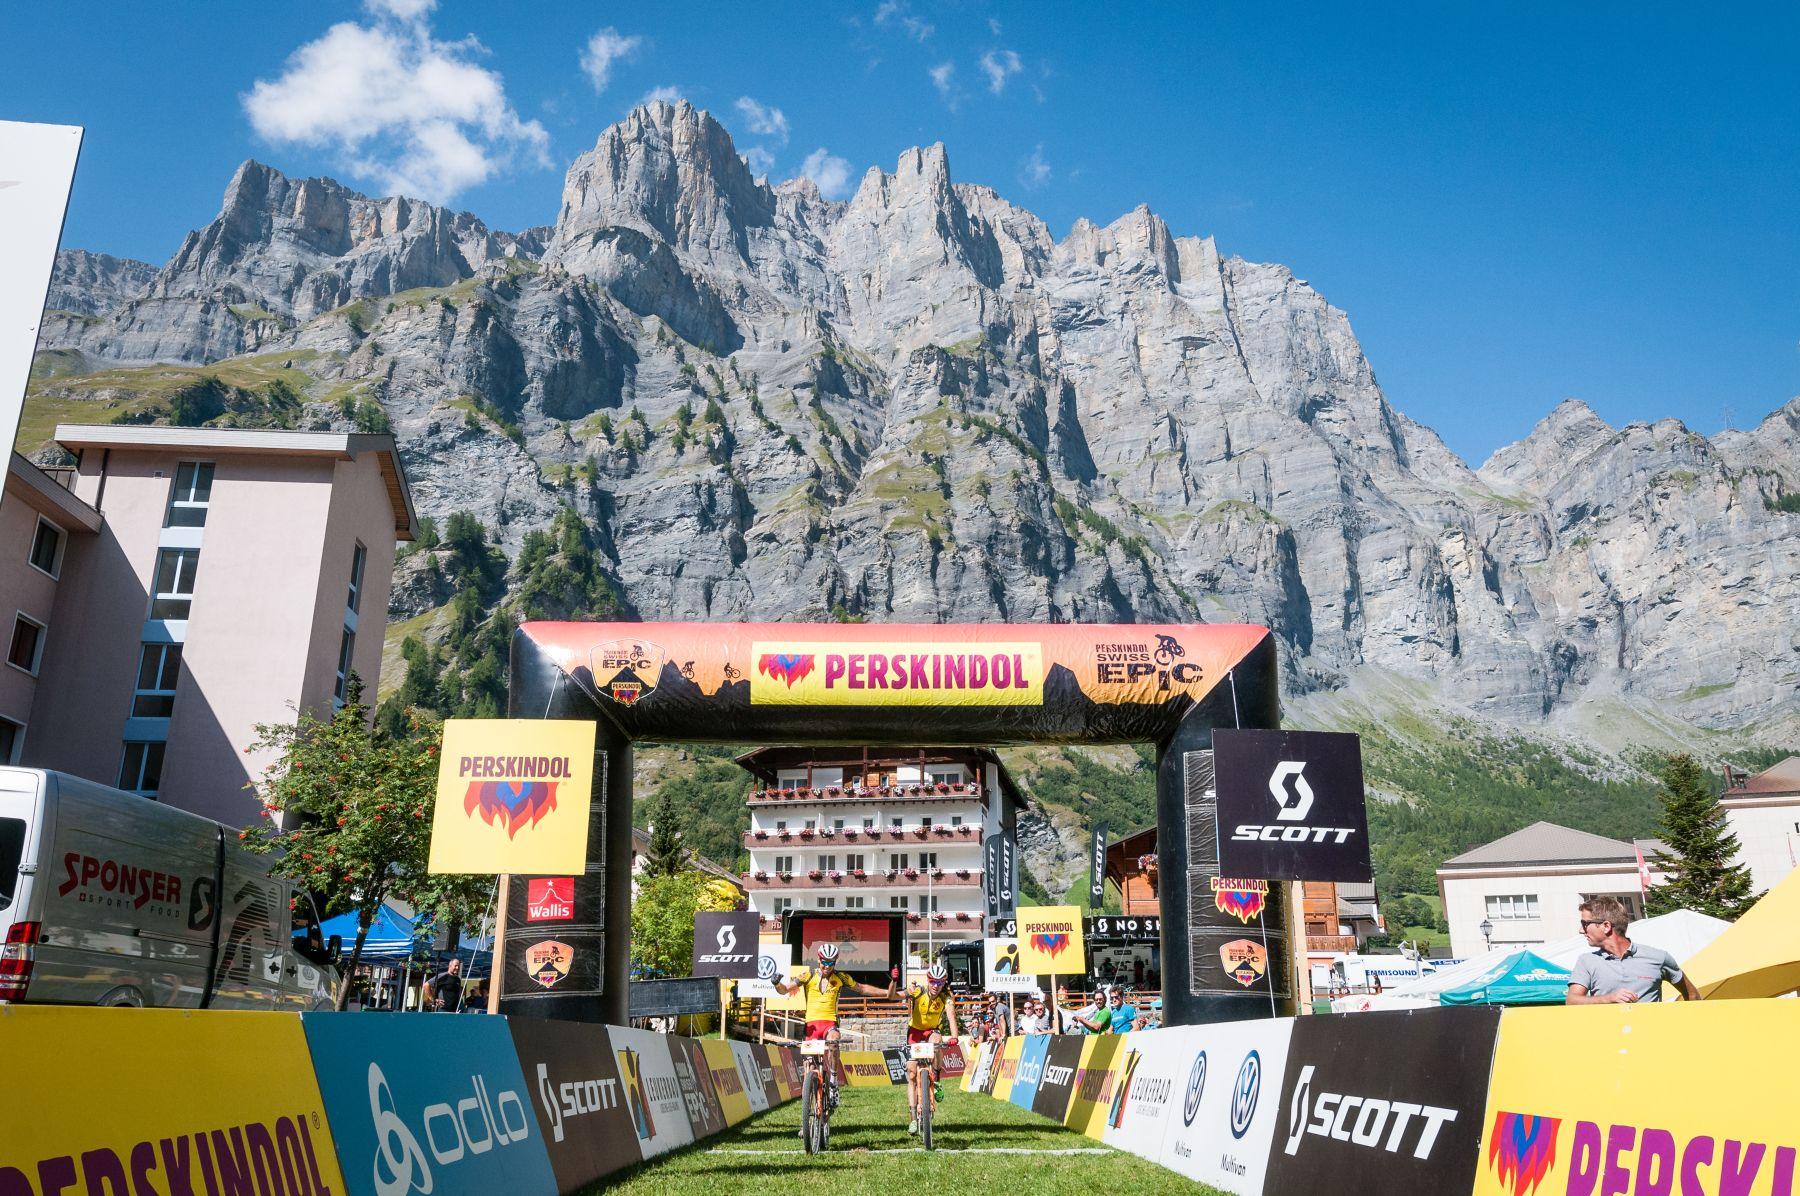 La impresionante meta en Leukerbad. Un lugar de visita obligada en Suiza